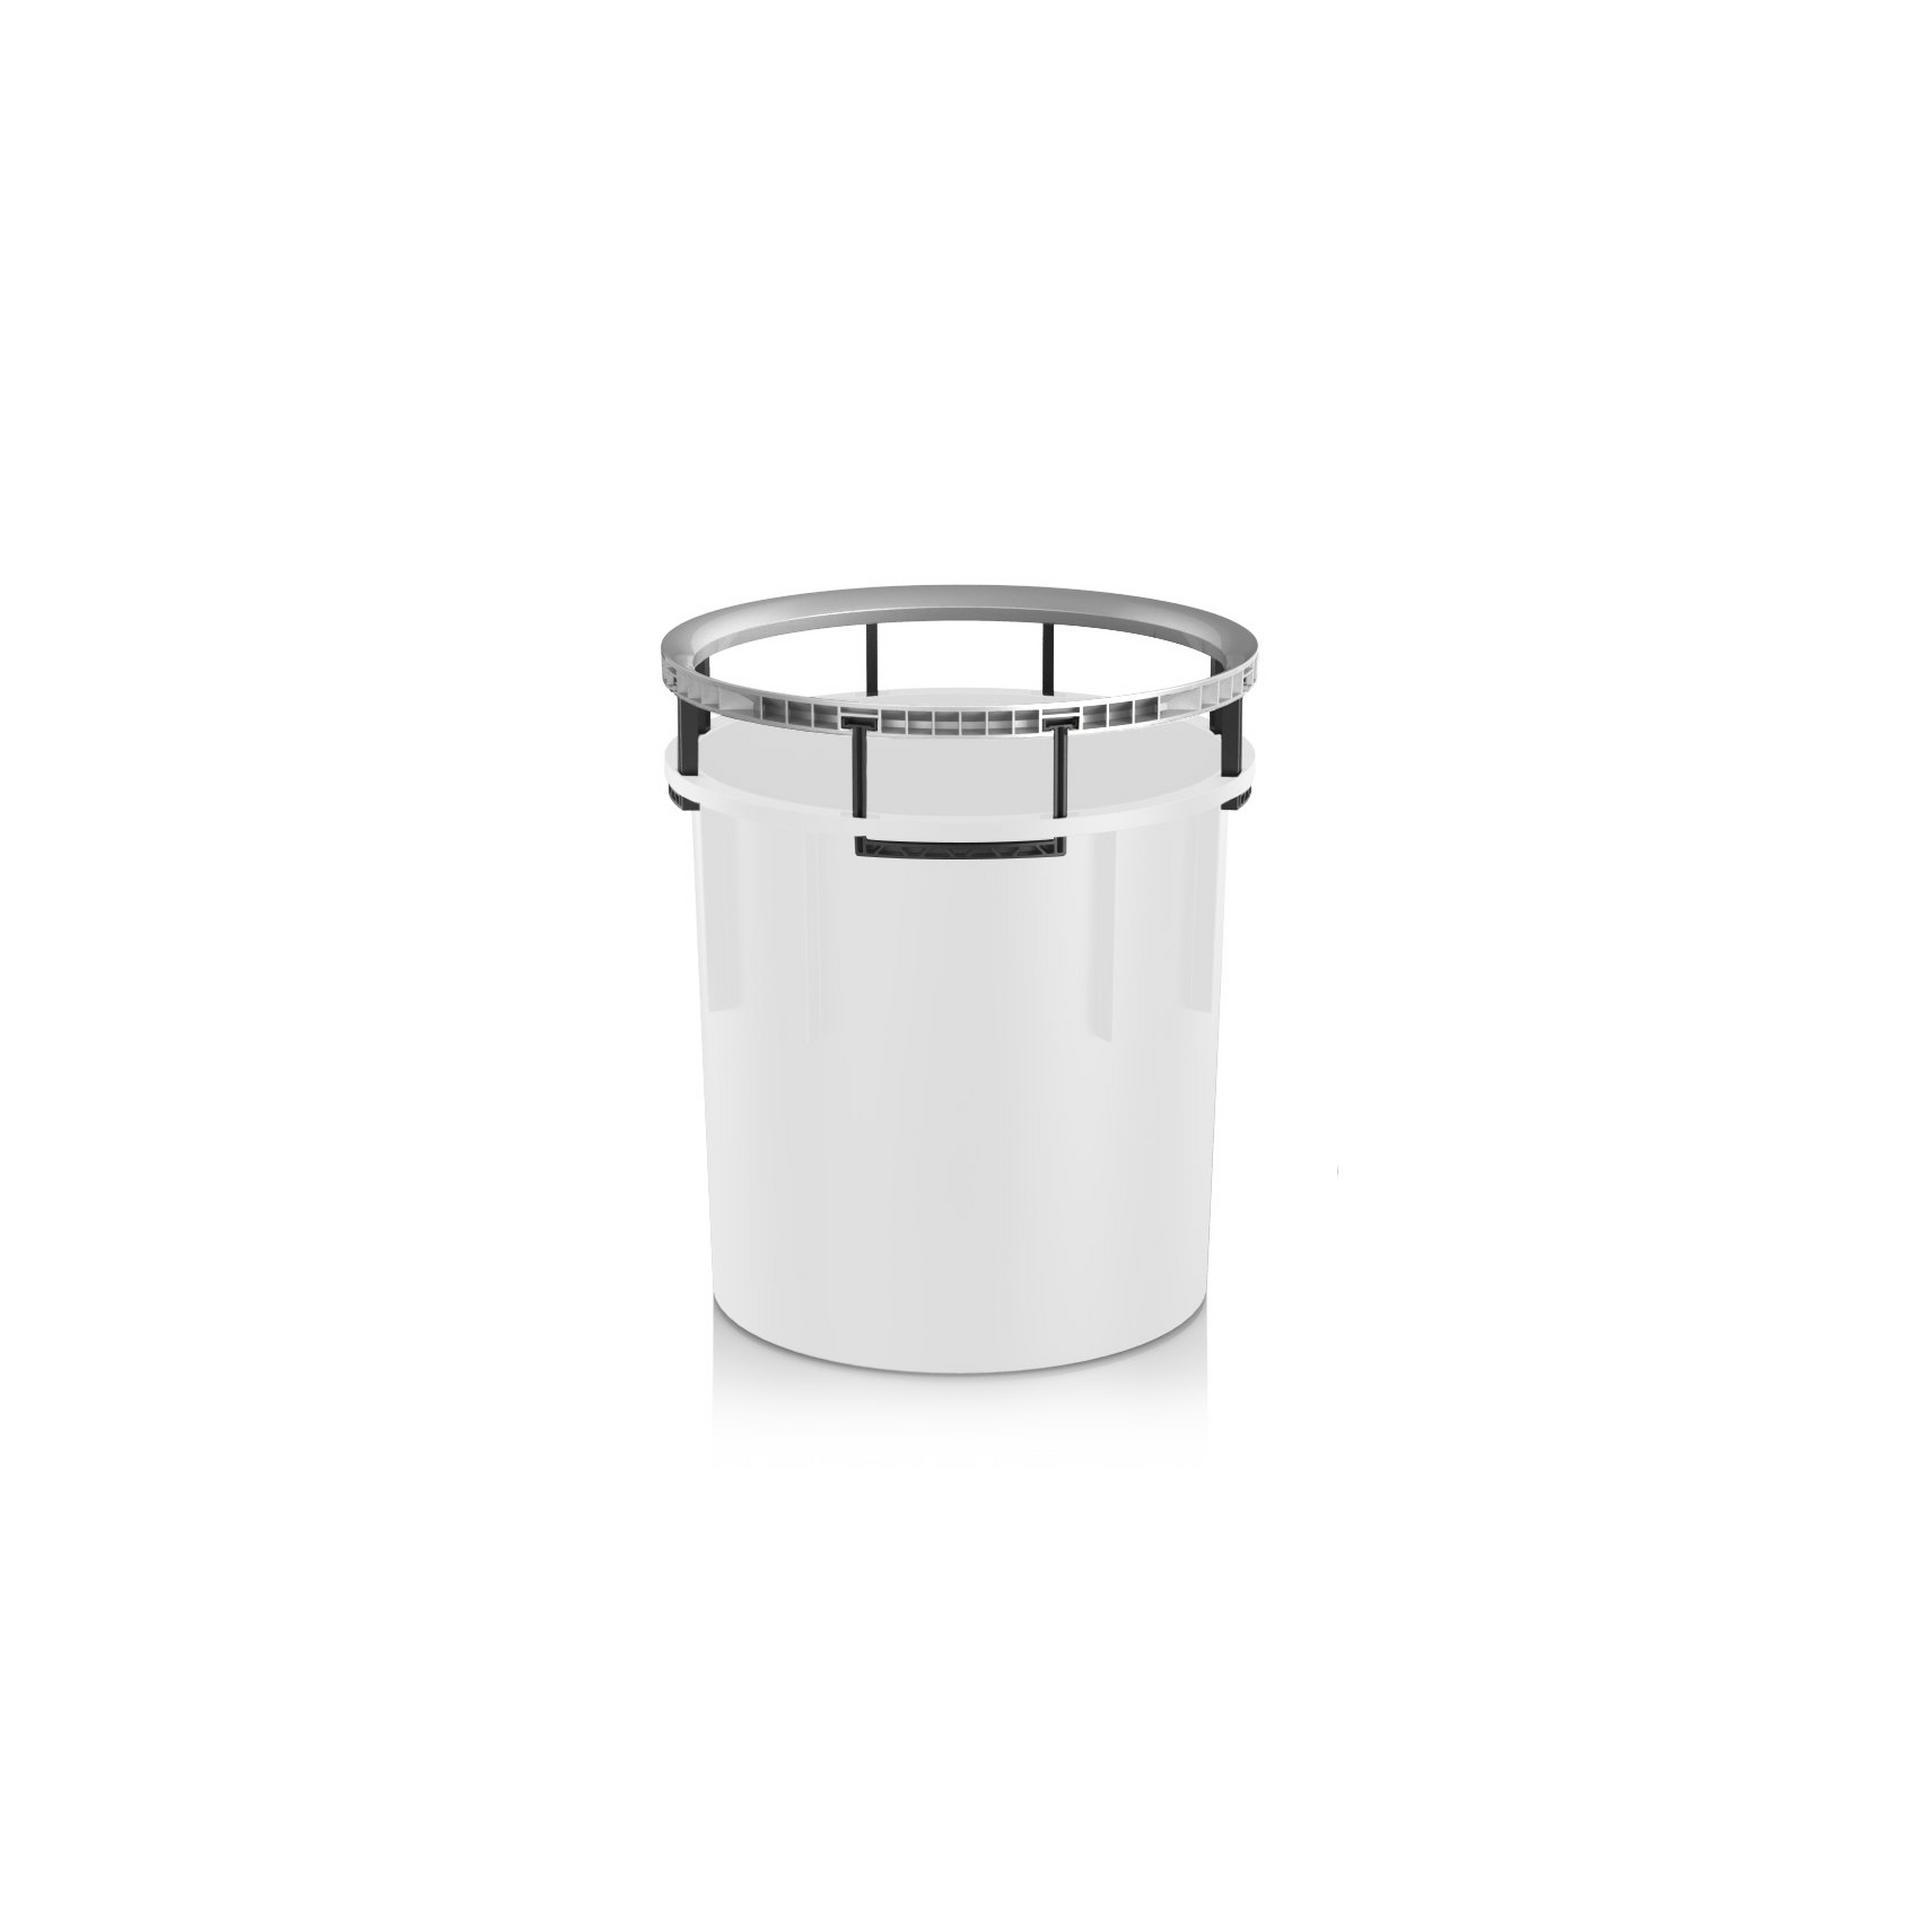 Frame handle for RONDO 40 silver metallic